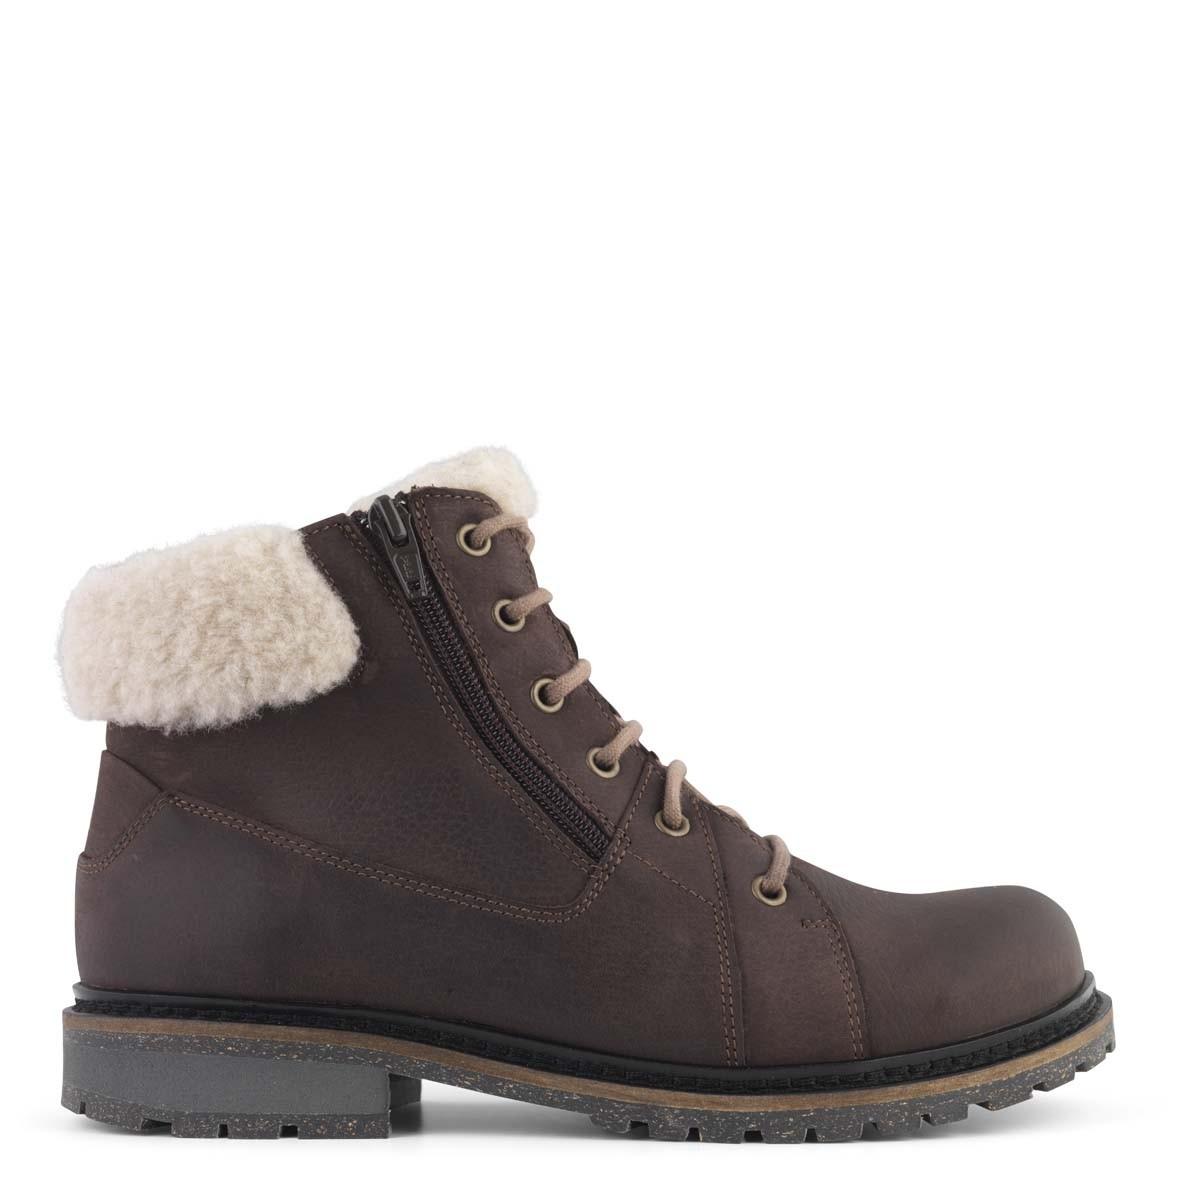 New Feet varm støvle i brun kalveskind fra